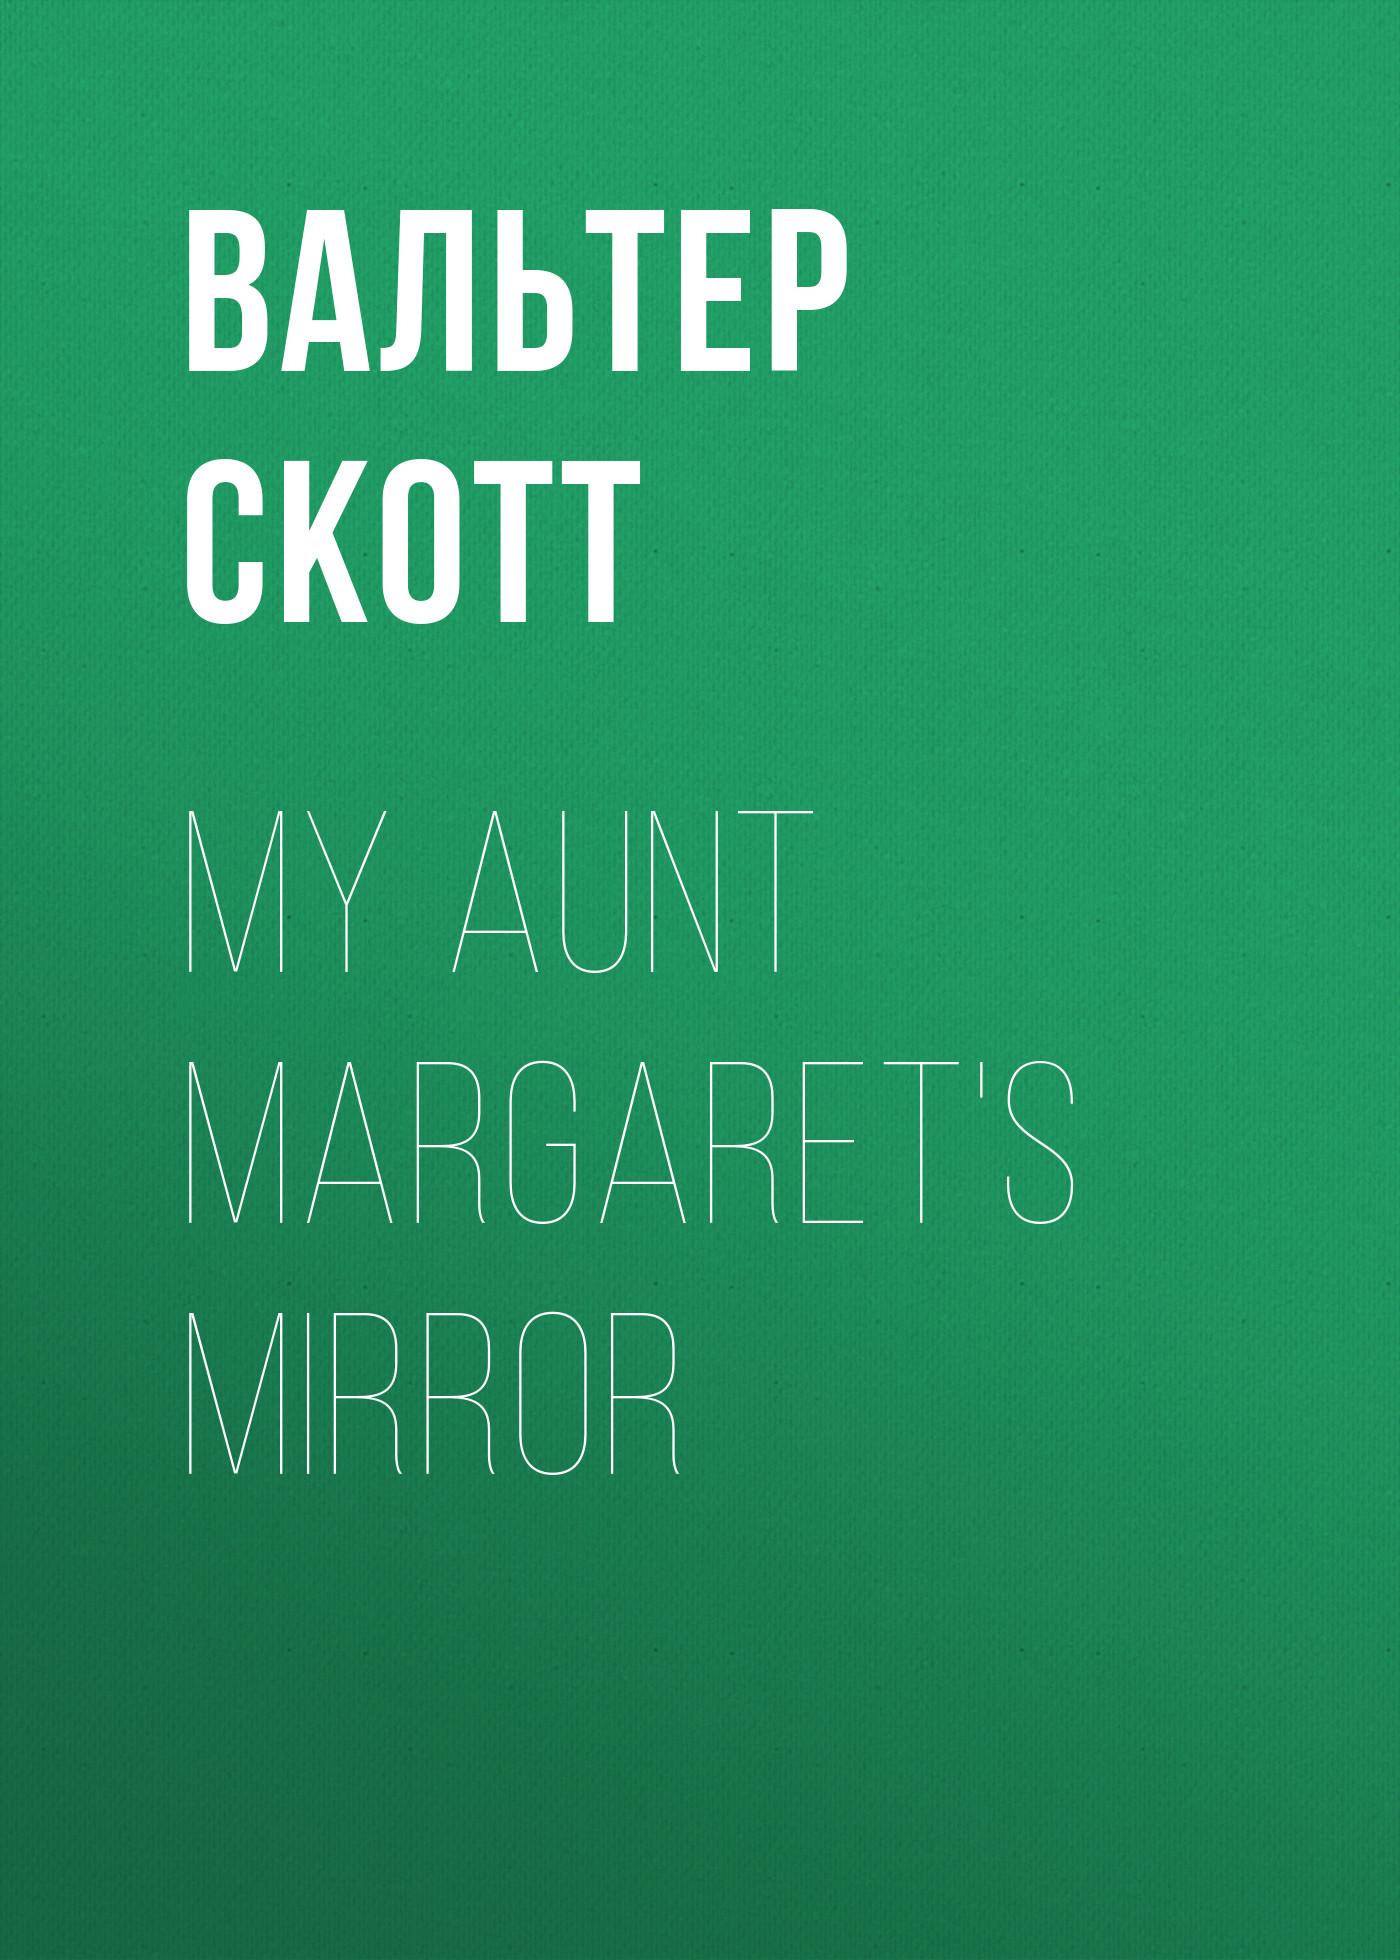 Вальтер Скотт My Aunt Margaret's Mirror переходник для трека lightstar asta 592076